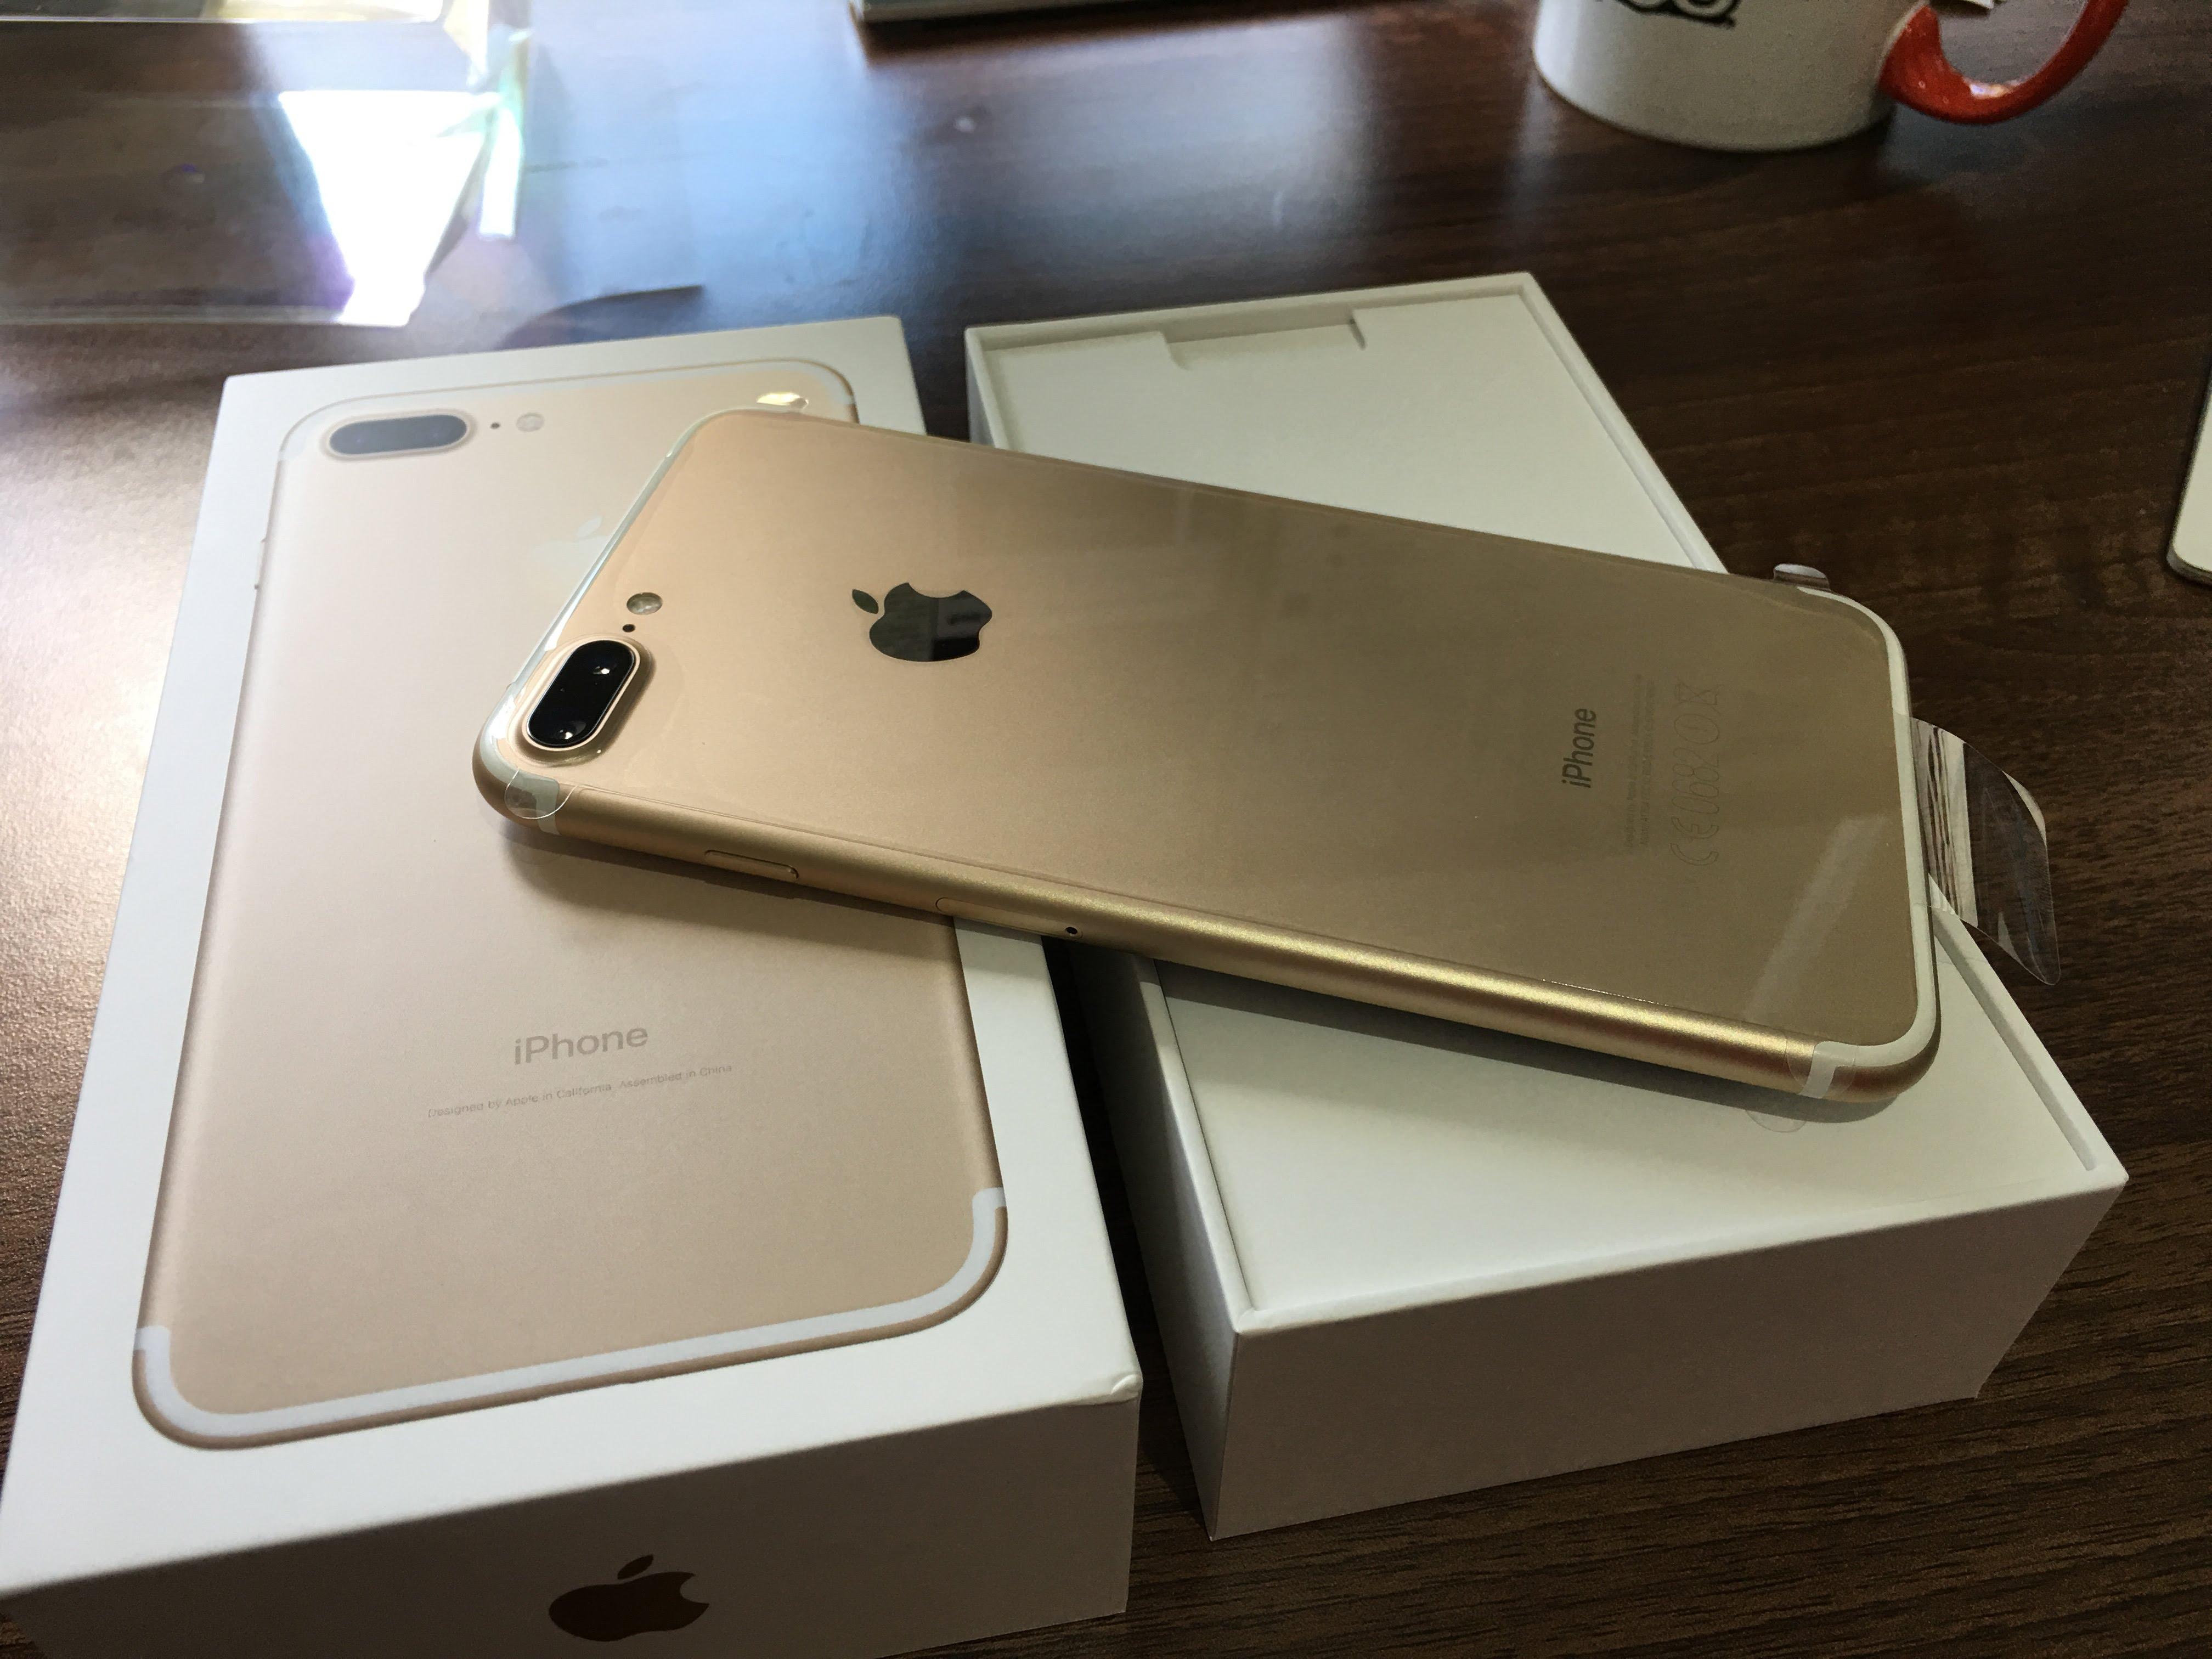 مميزات و عيوب و مواصفات iPhone 7 Plus | بوابة الموبايلات